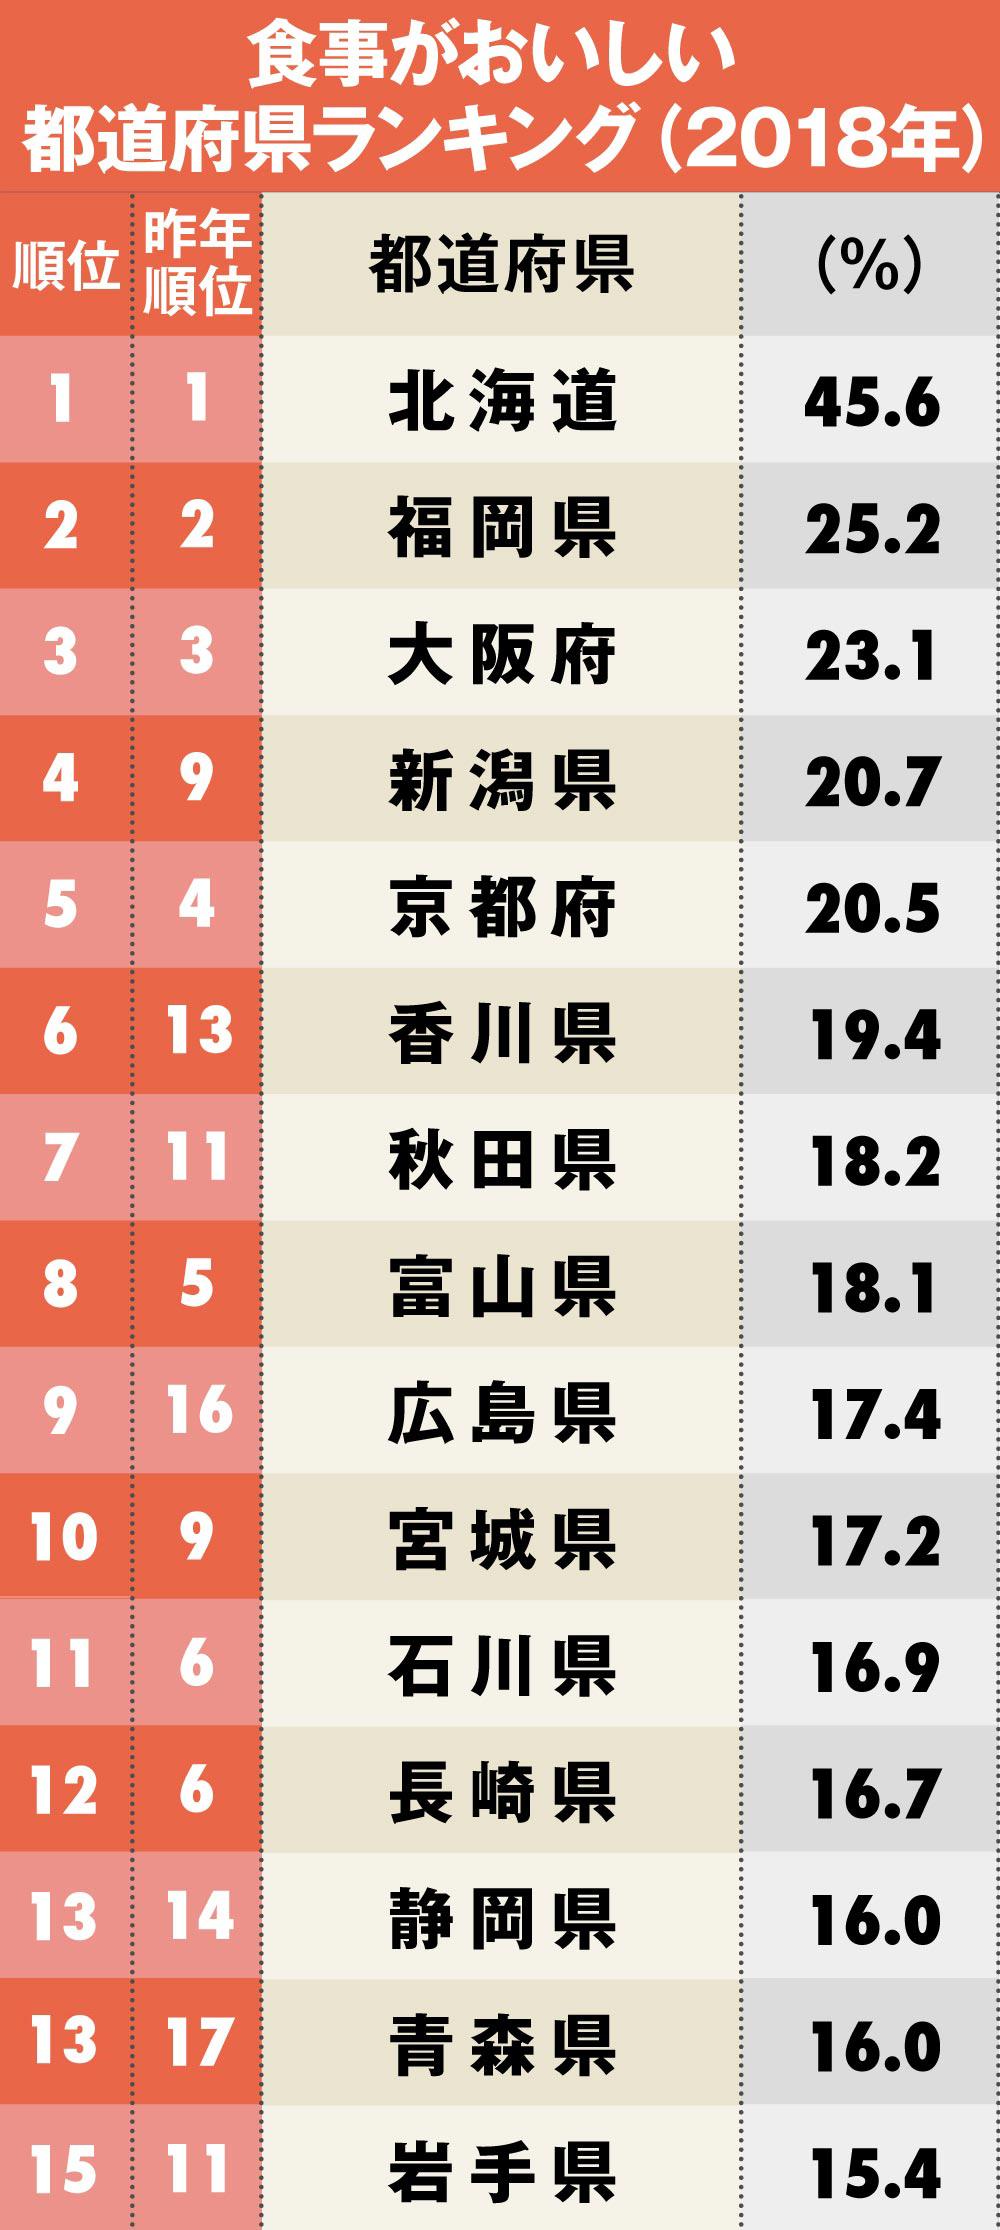 食事がおいしい都道府県ランキング1位~15位